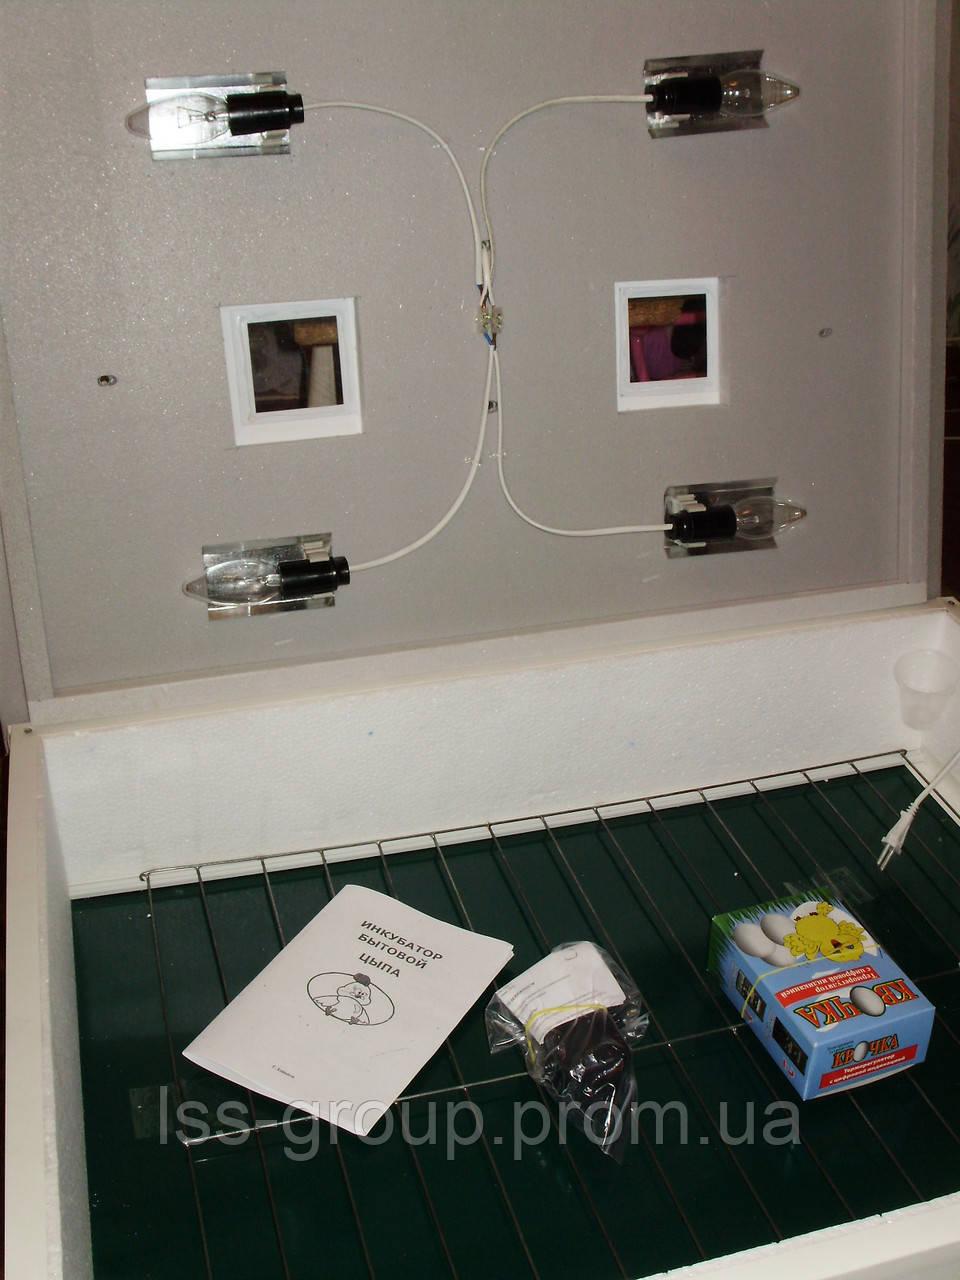 Домашний инкубатор игрушка 19 фотография